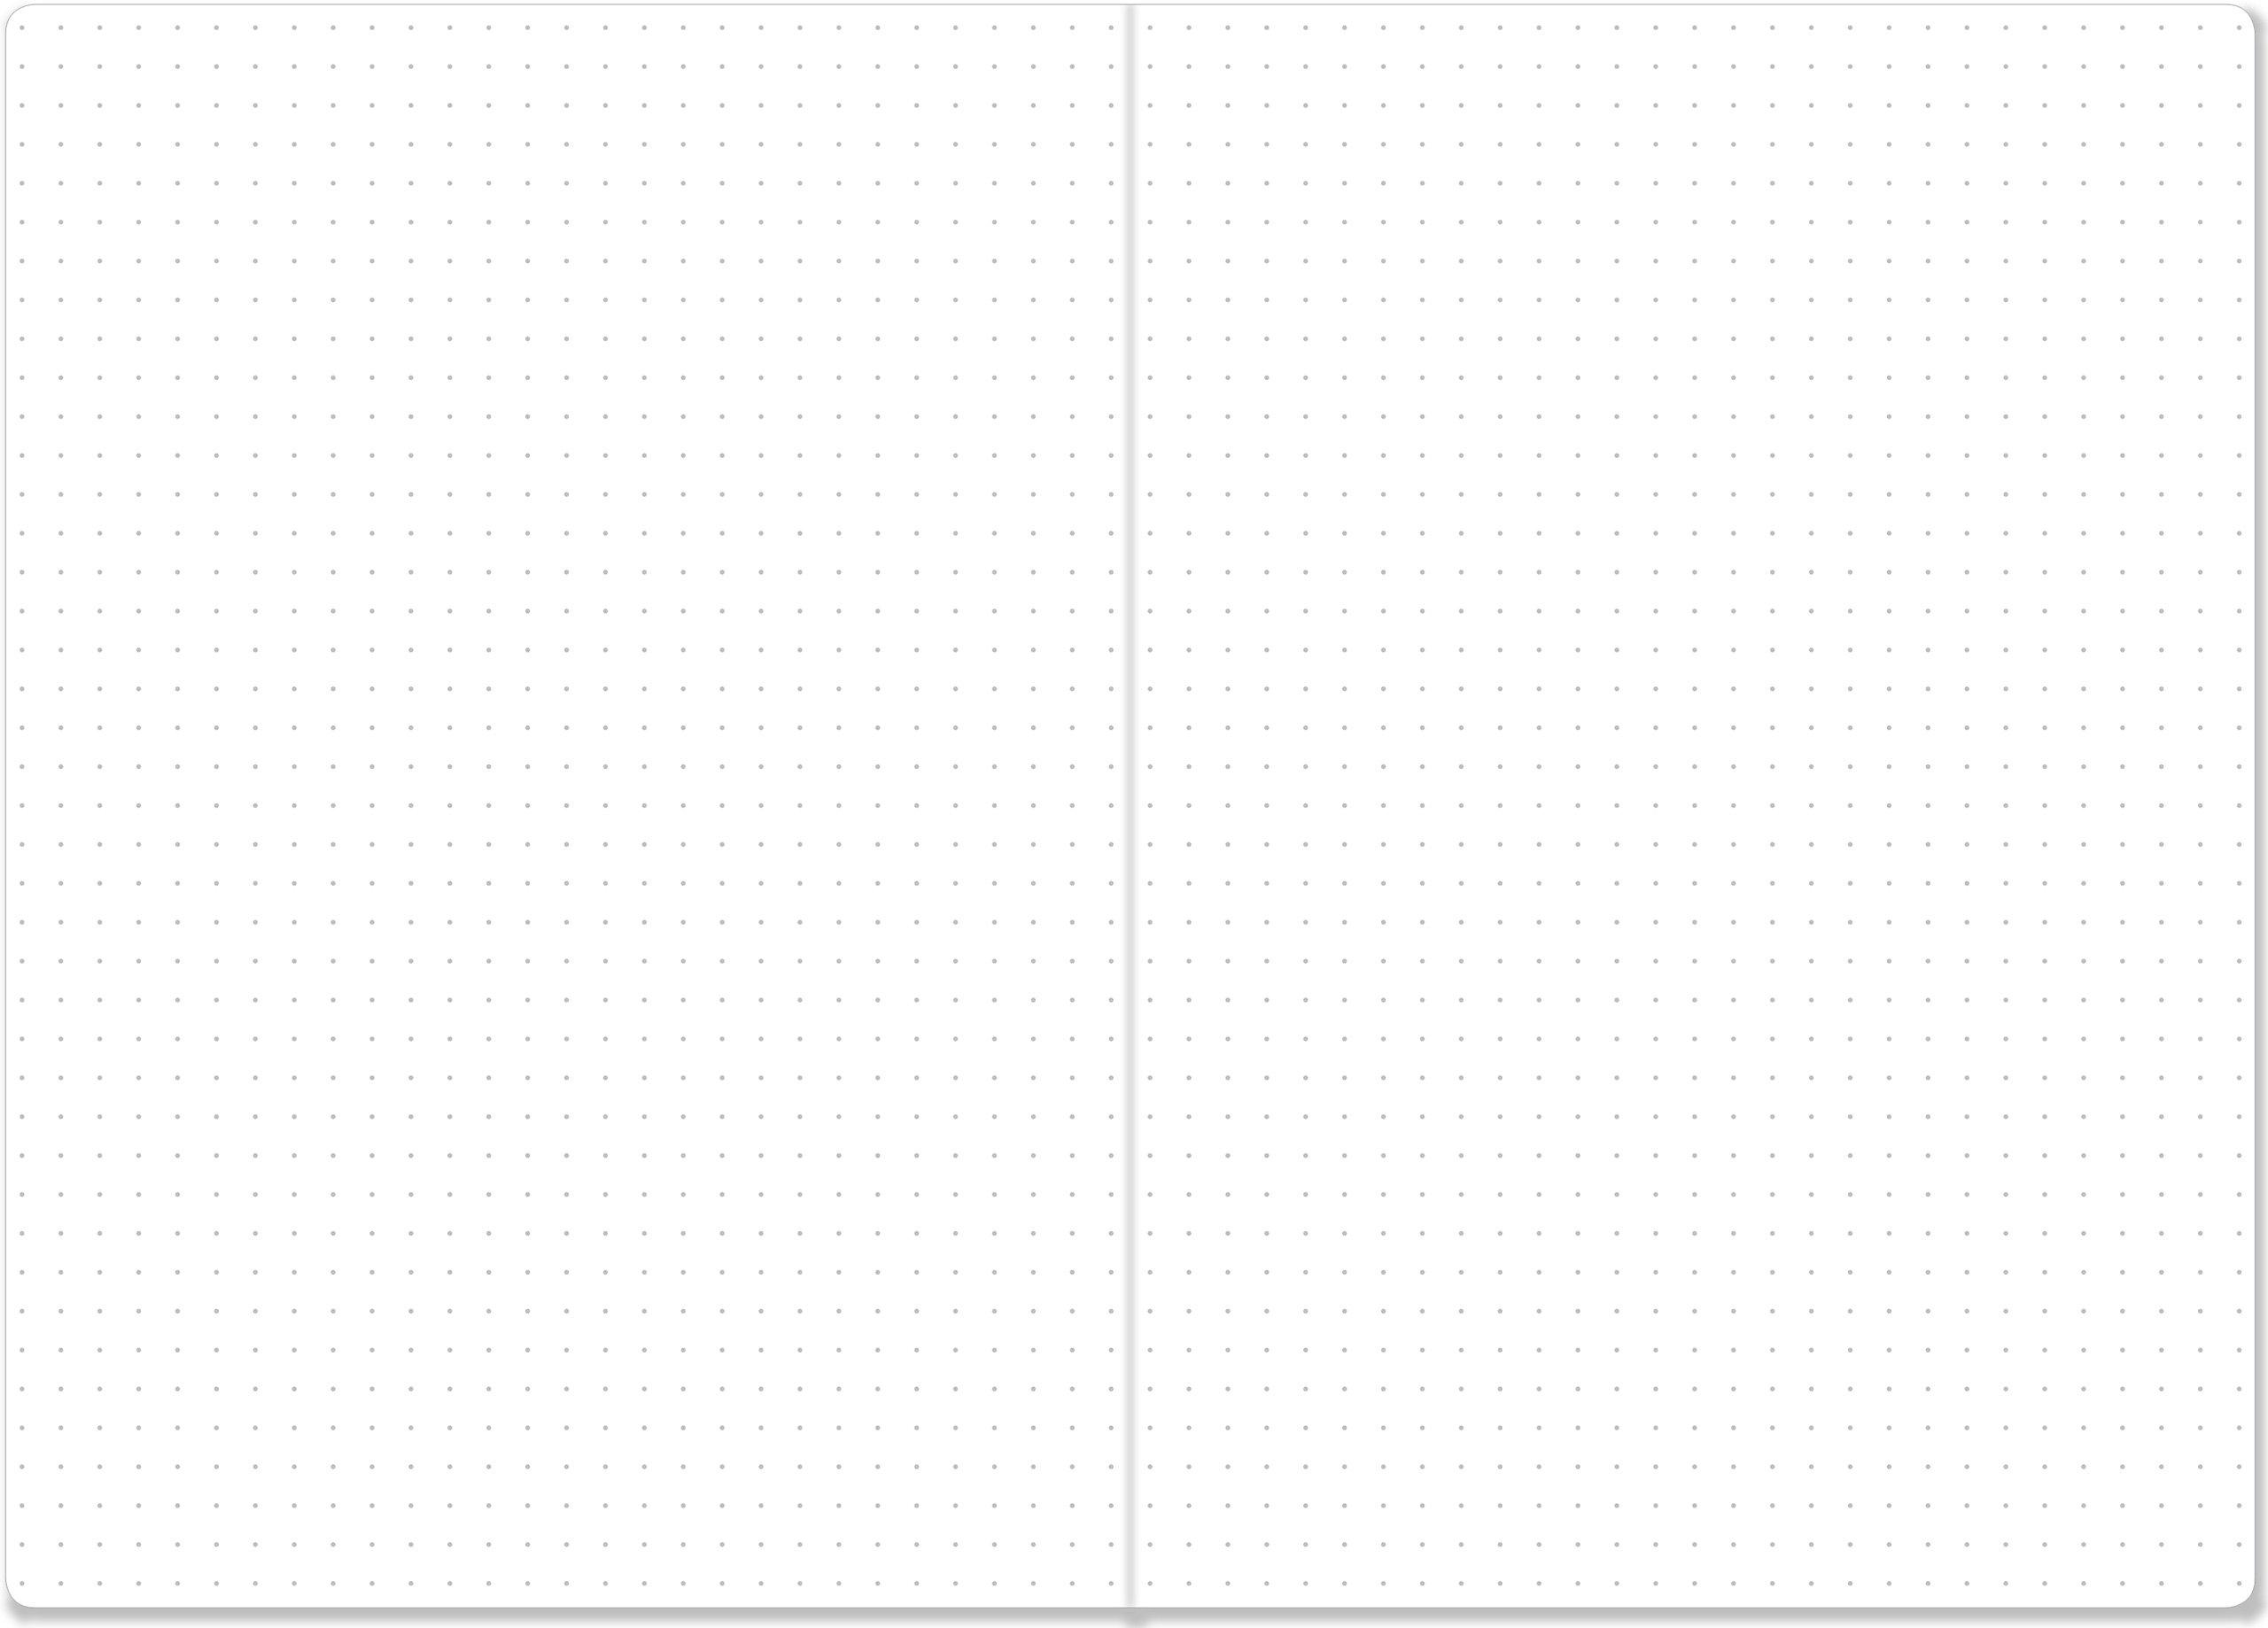 Essentials Dot Matrix Notebook, A5 size (Bullet Journal): Peter ...